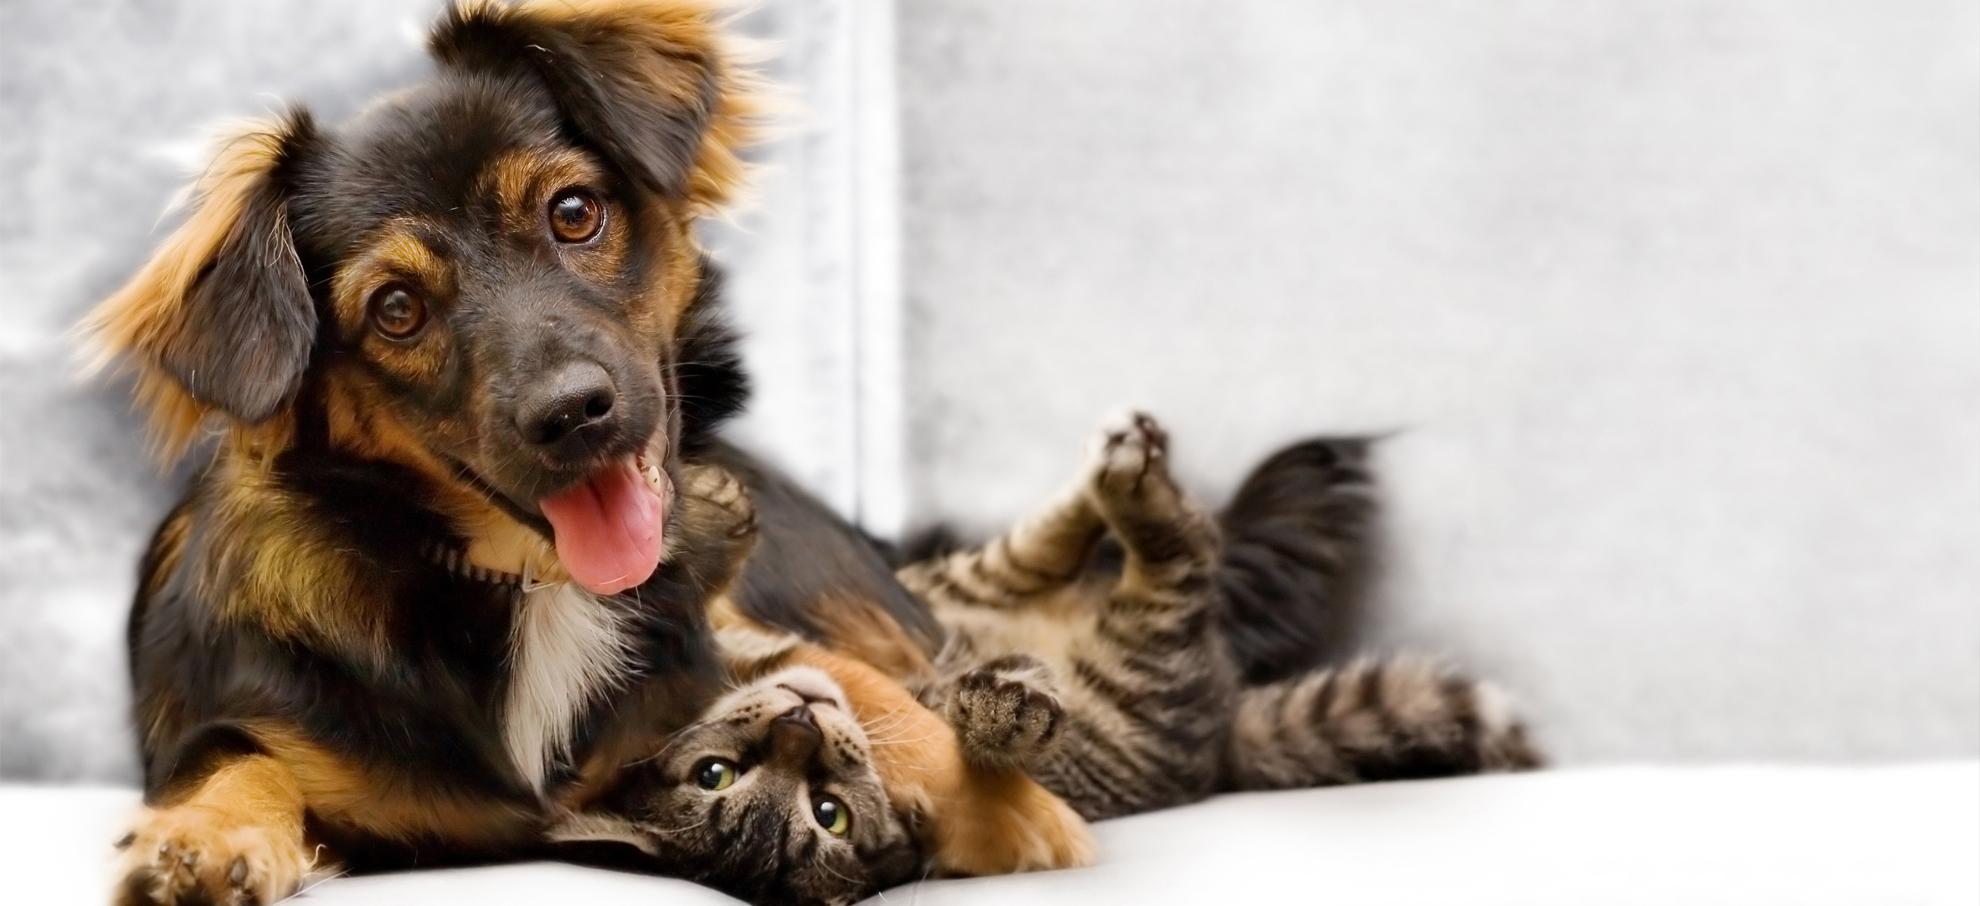 Een volledige verzorging voor uw huisdier